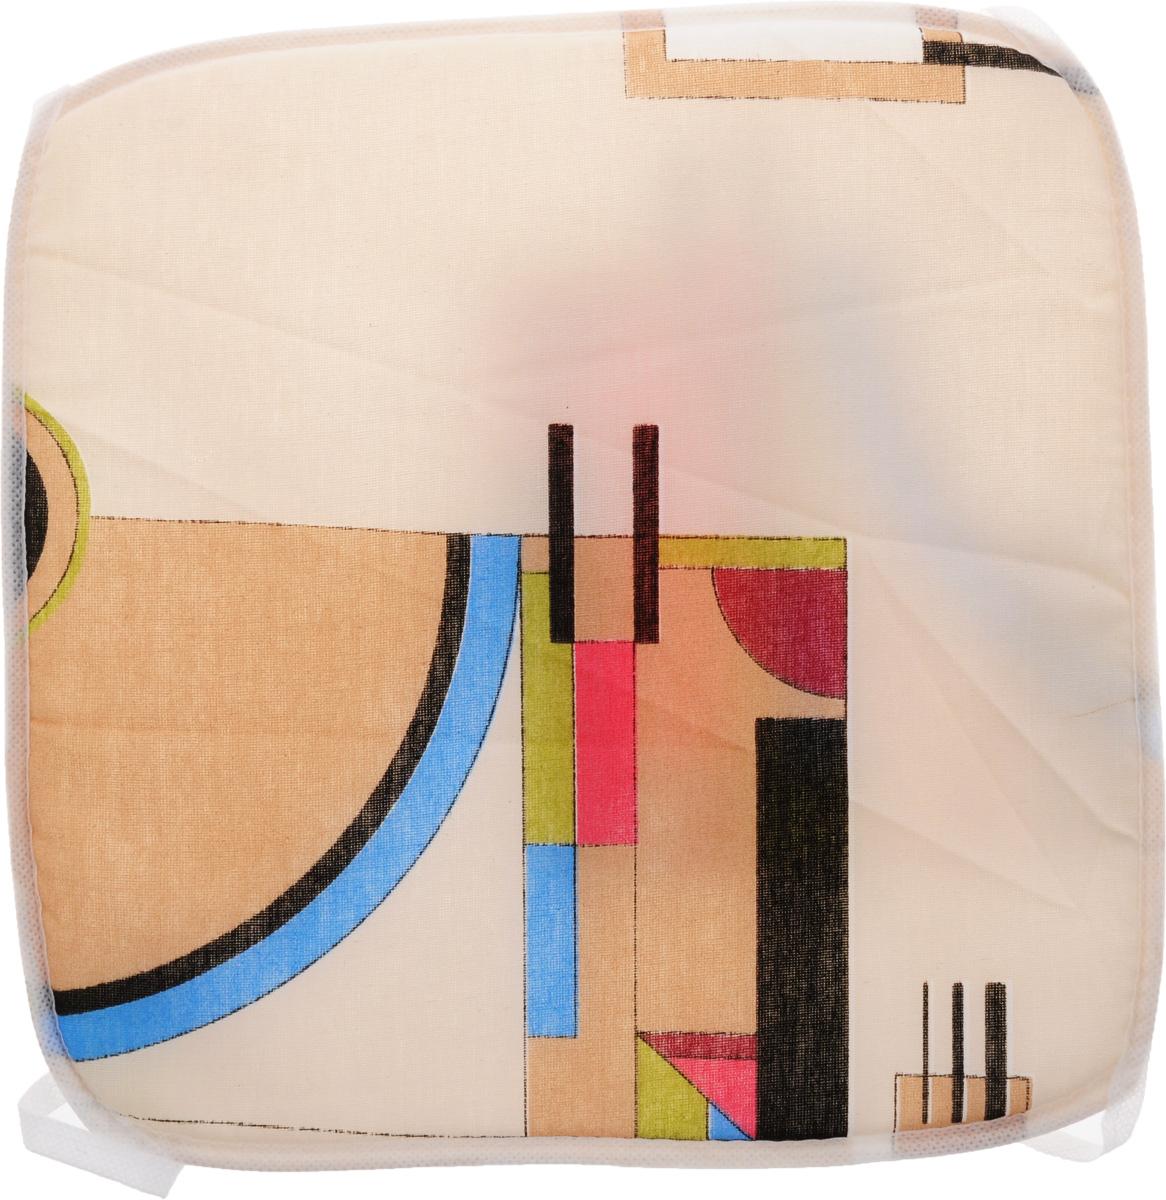 Подушка на стул Eva Геометрия, цвет: белый, светло-бежевый, 34 х 34 см. Е06Е06_вид 2Подушка на стул Eva Геометрия, выполненная из хлопка с наполнителем из поролона, легко крепится на стул с помощью завязок. Рекомендации по уходу: - деликатная стирка при температуре воды до 30°С. - отбеливание, барабанная сушка, химчистка запрещены. - рекомендуется глажка при температуре подошвы утюга до 110°С.